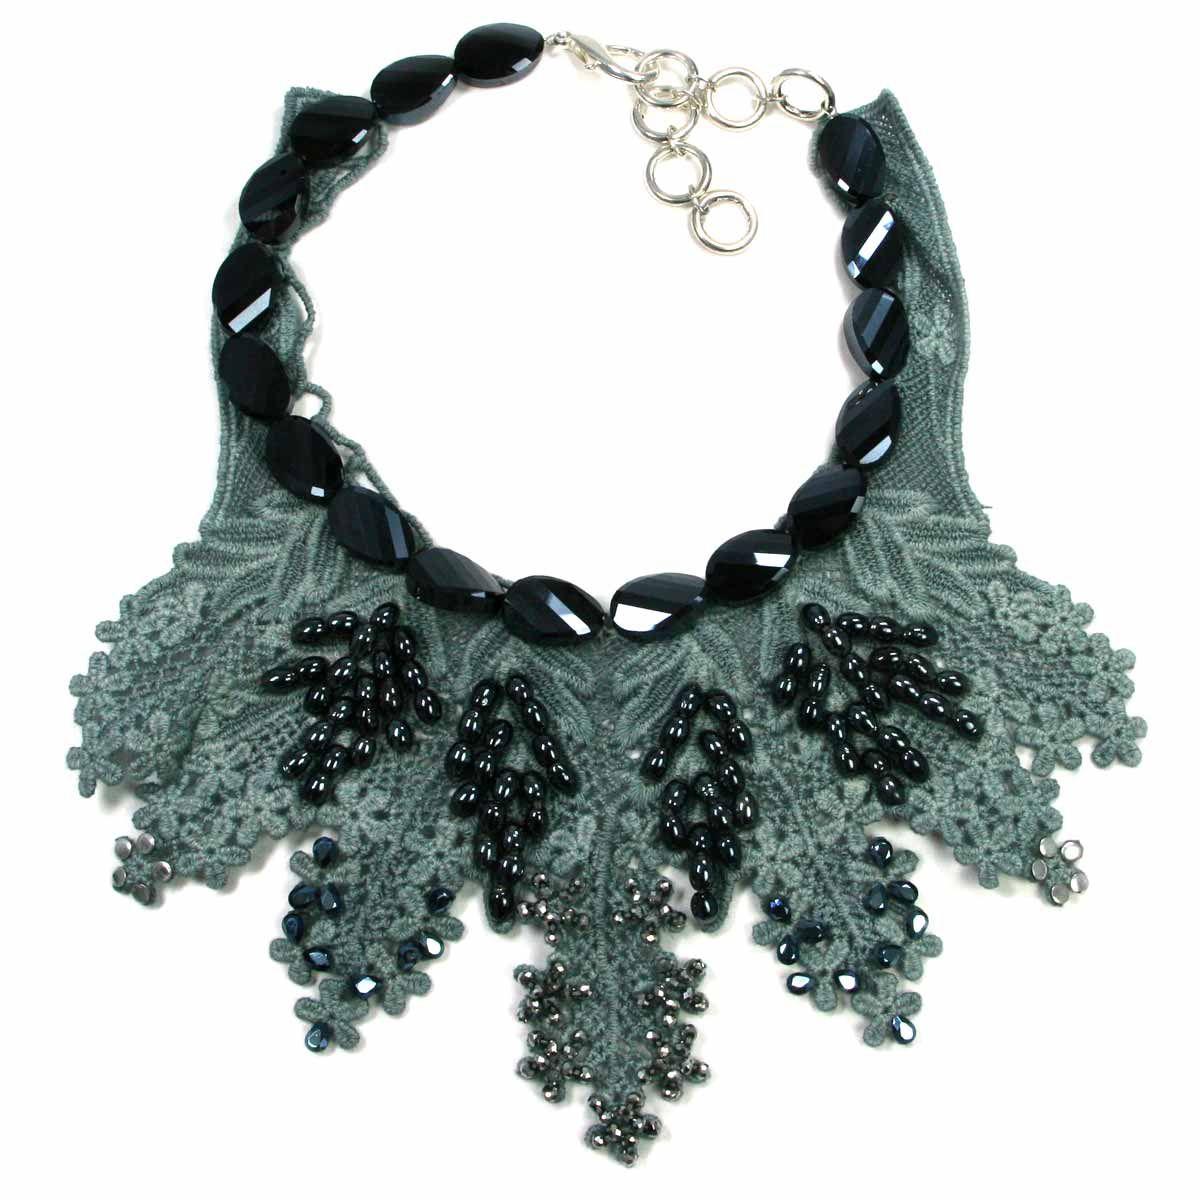 5732333ca66c Collar o gargantilla de Alta Bisutería. Colección limitada. Collar corto (o  gargantilla) diseñado por Coral de la Croix